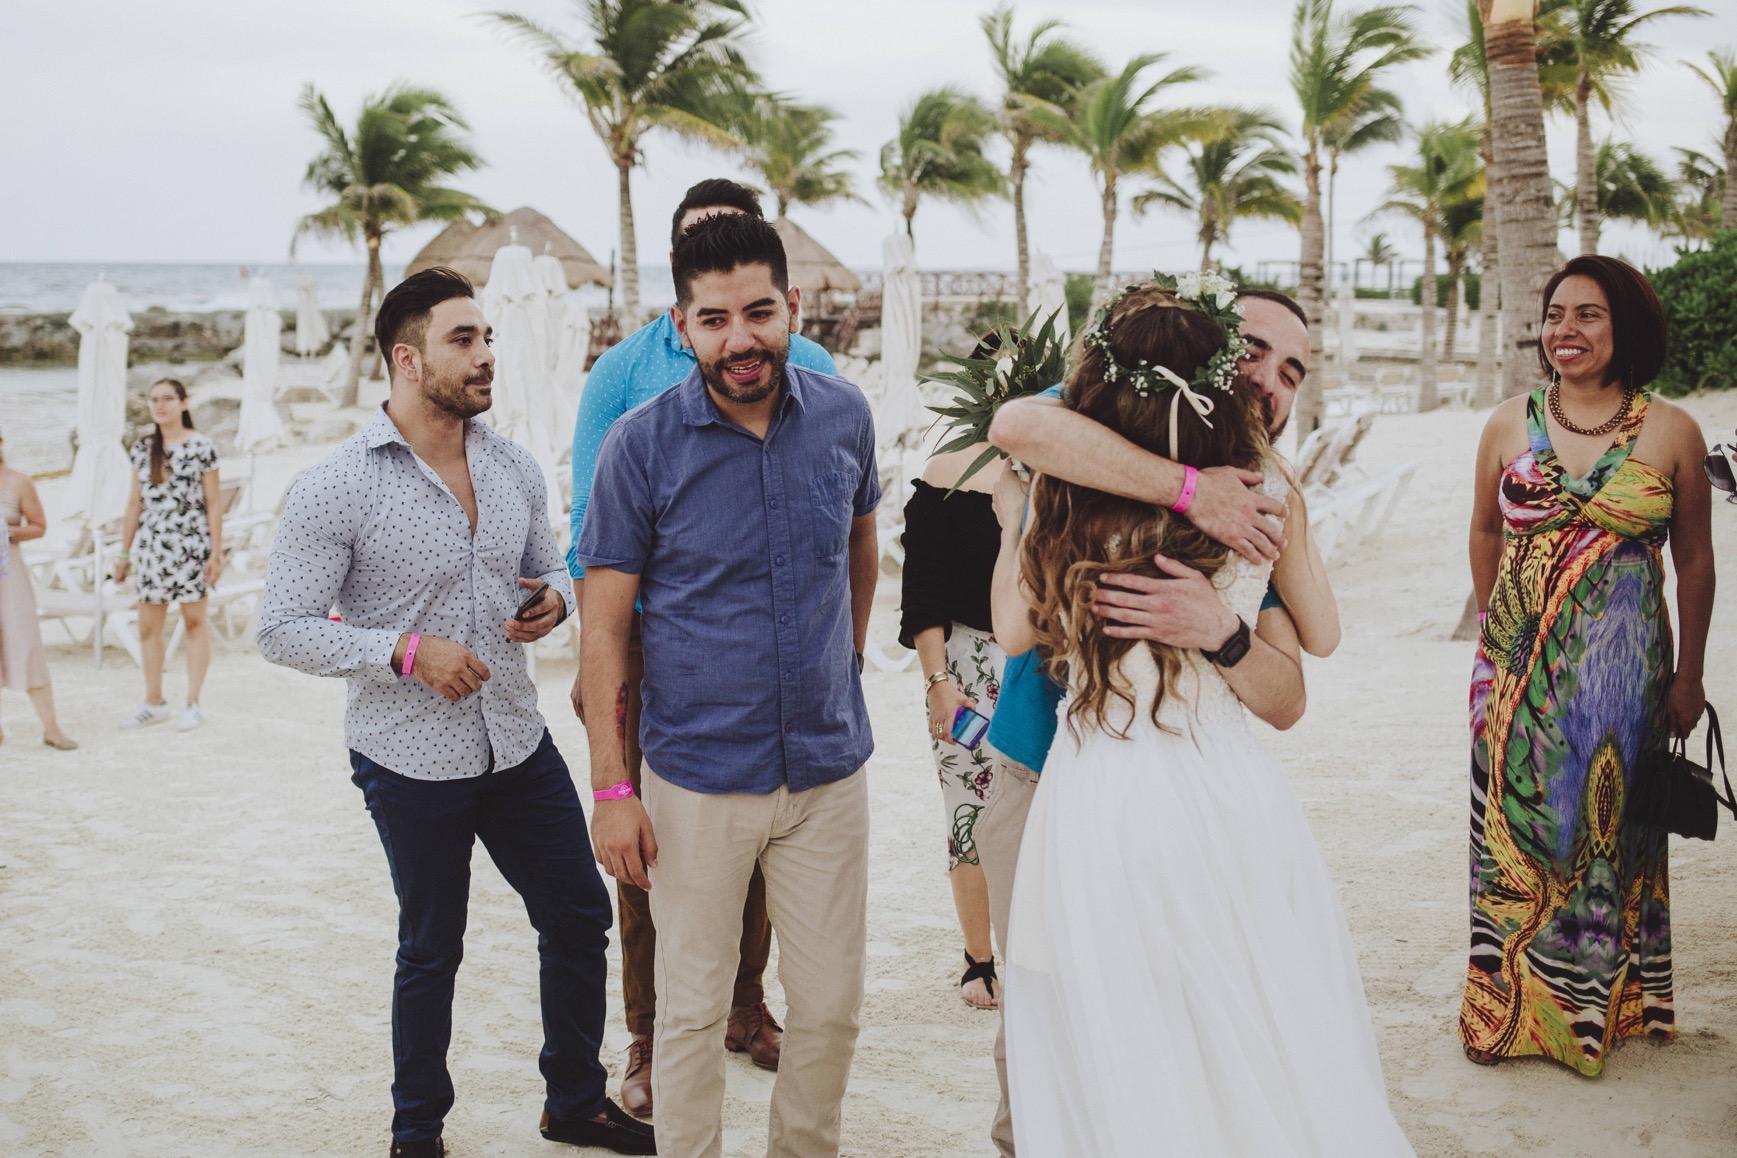 fotografo_bodas_profesional_zacatecas_riviera_maya_cancun-81